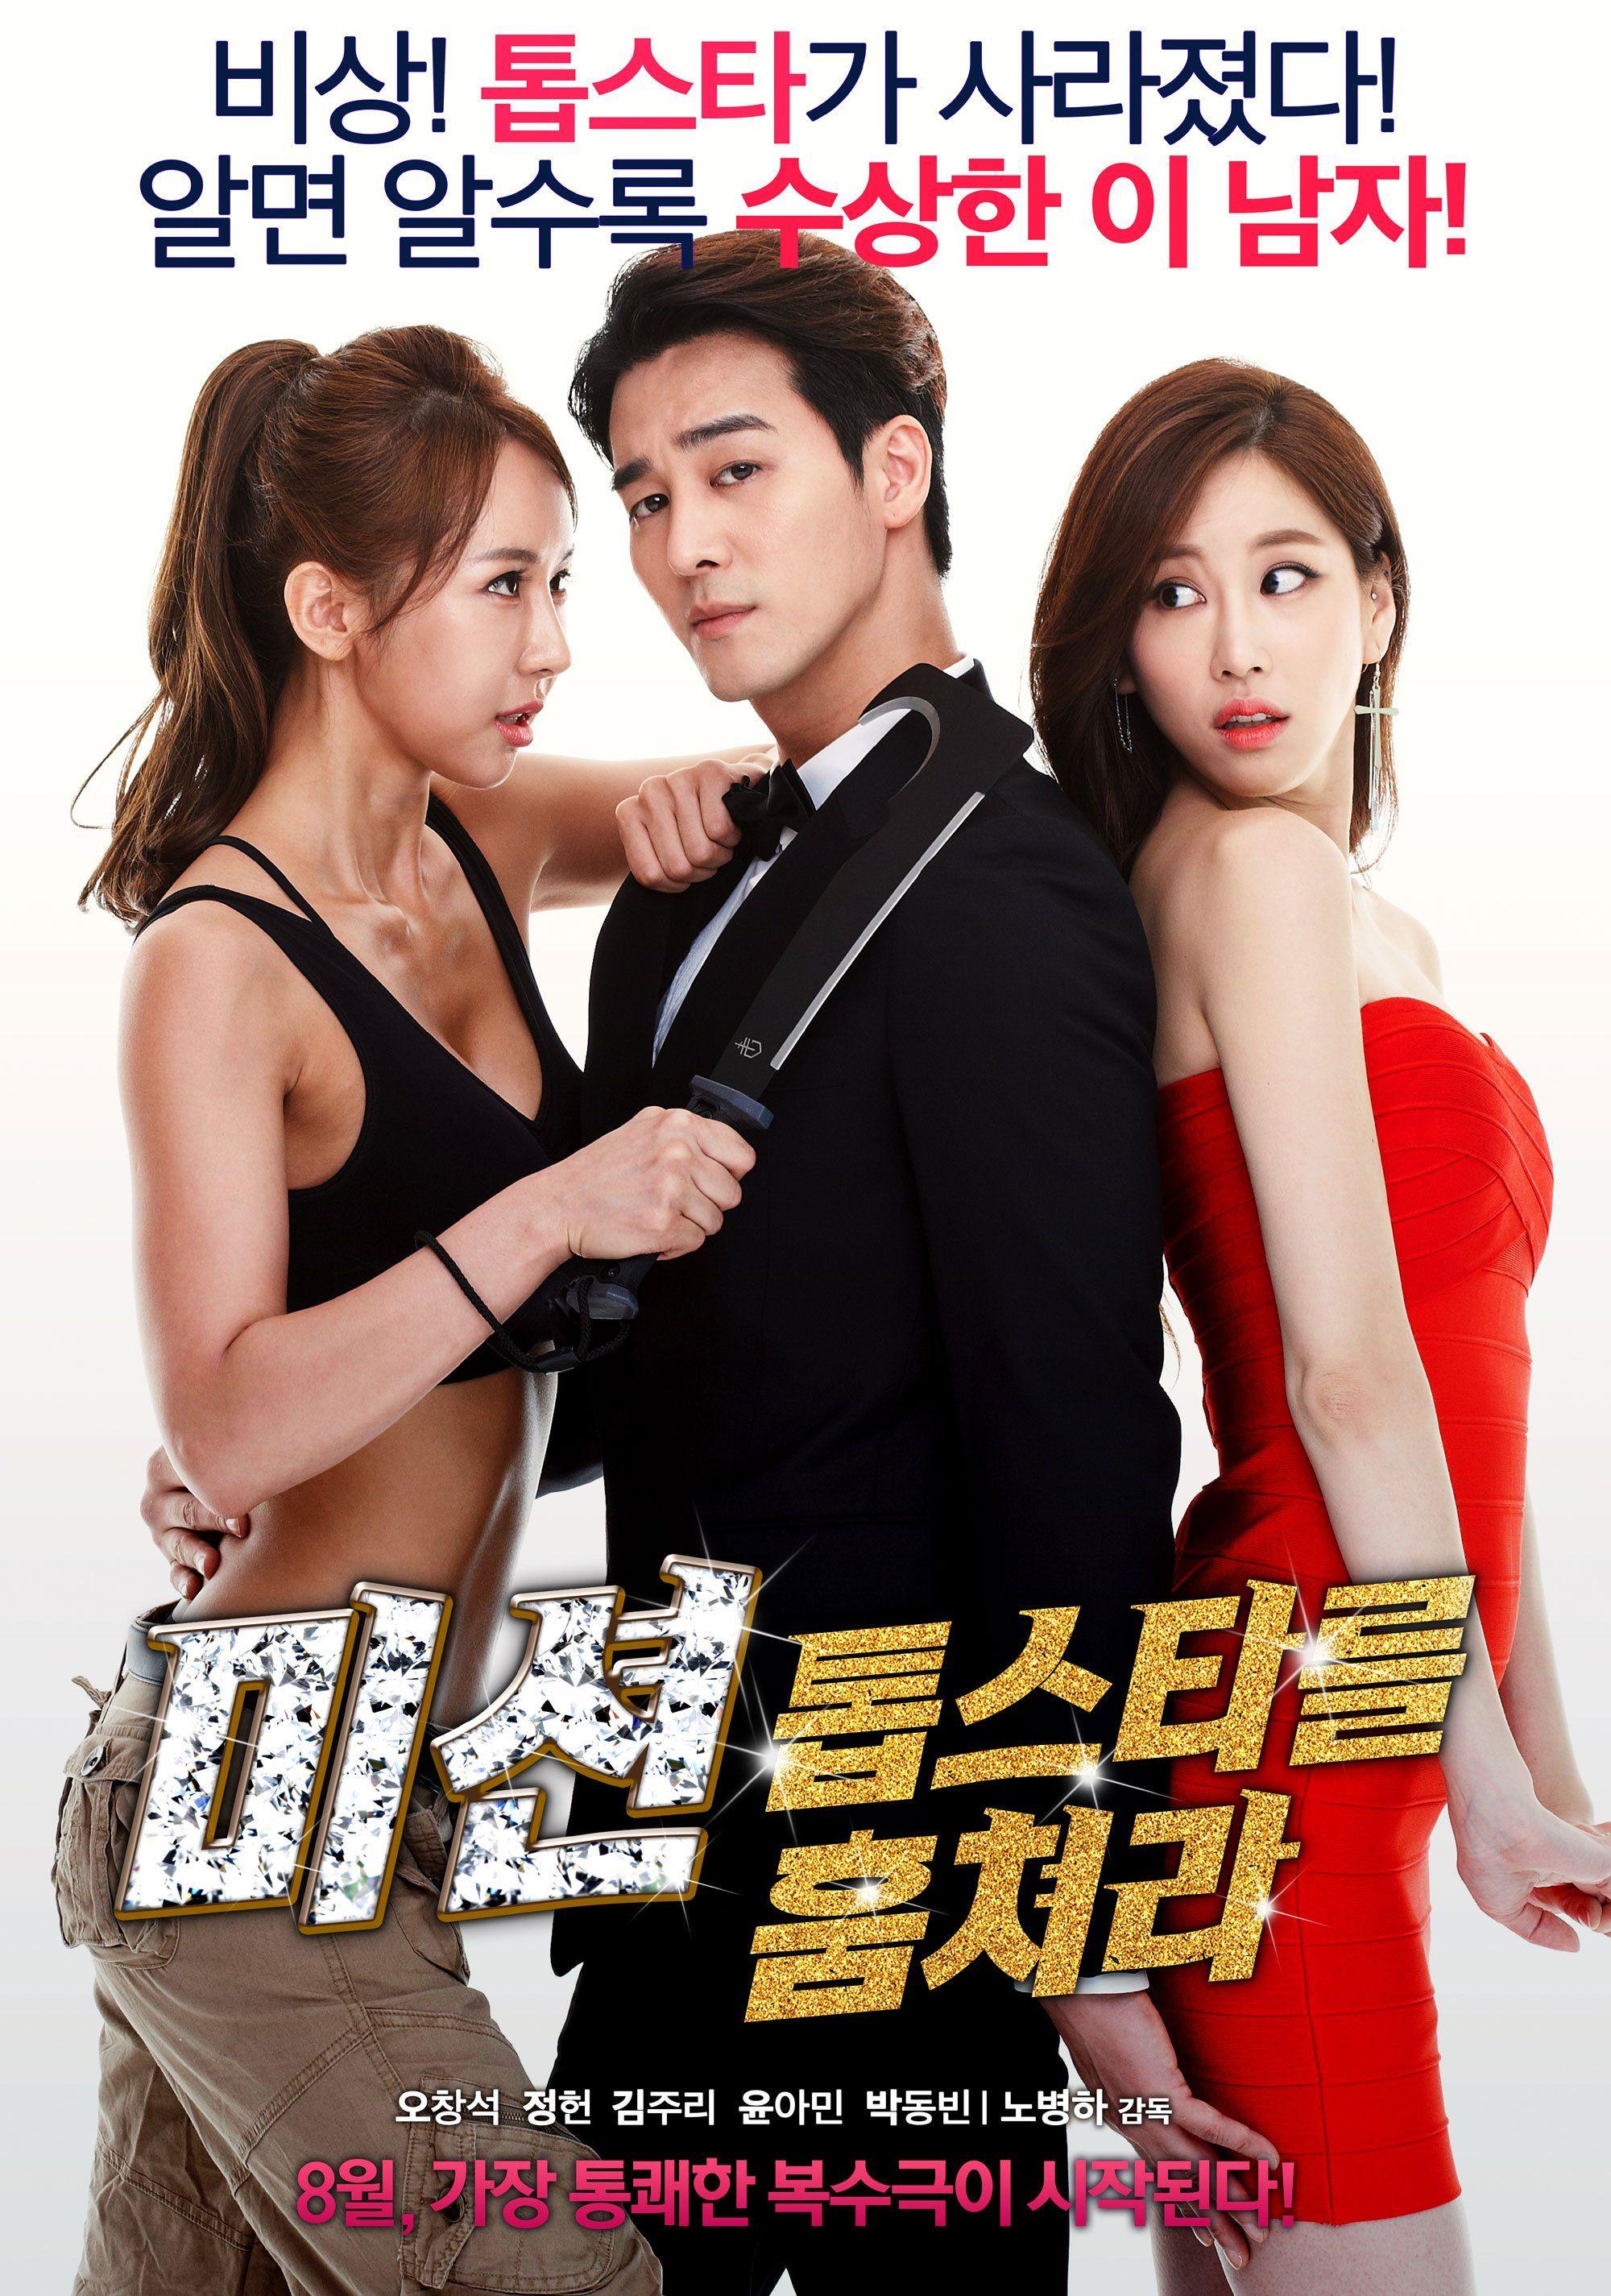 Korean 18 movie list 2020